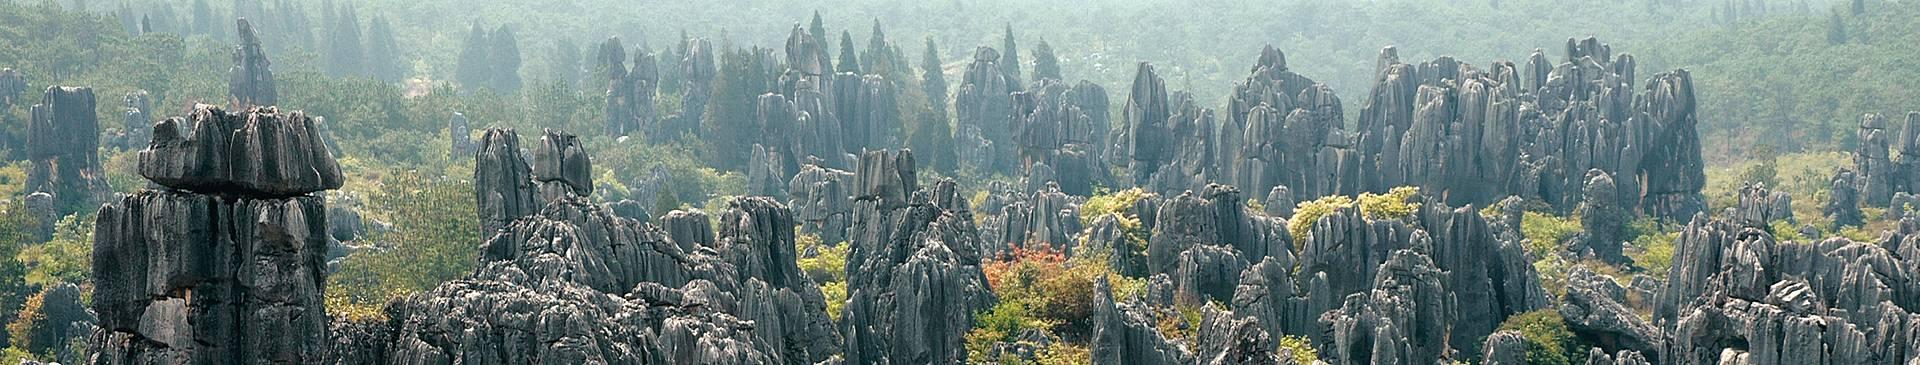 Naturreisen China